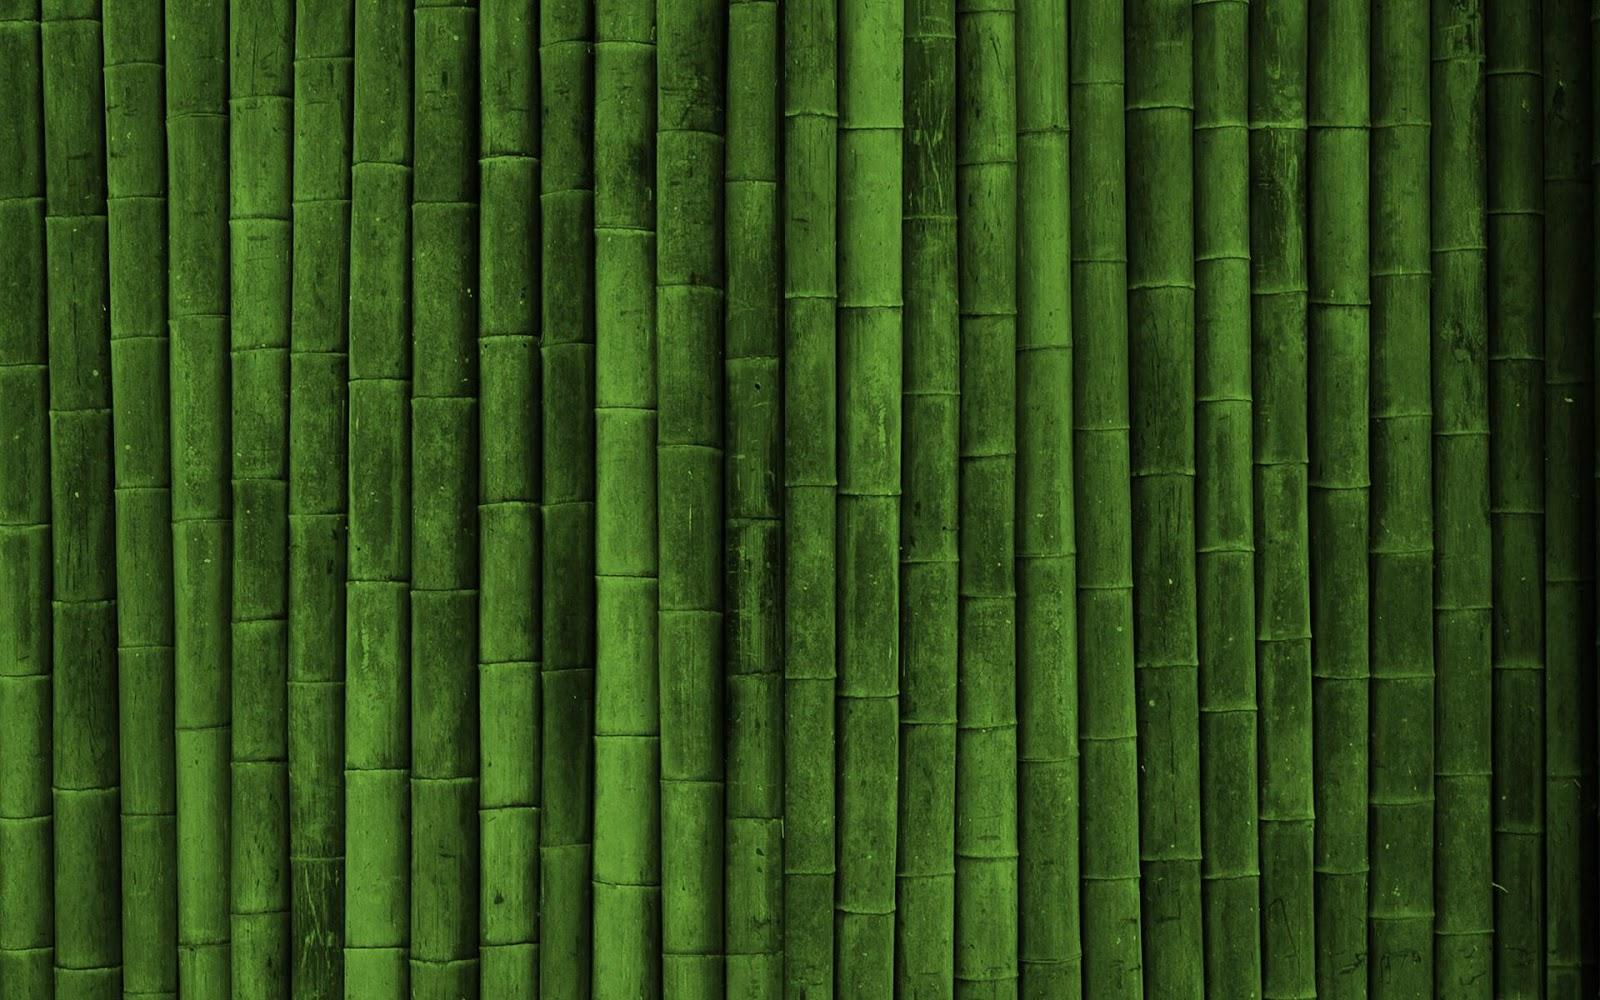 bambu papers